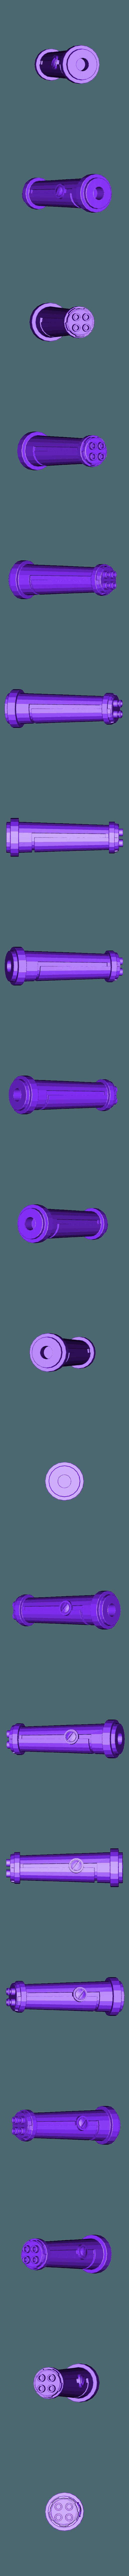 Remora_Gun.stl Télécharger fichier STL gratuit Combattant Remora • Modèle à imprimer en 3D, Leesedrenfort